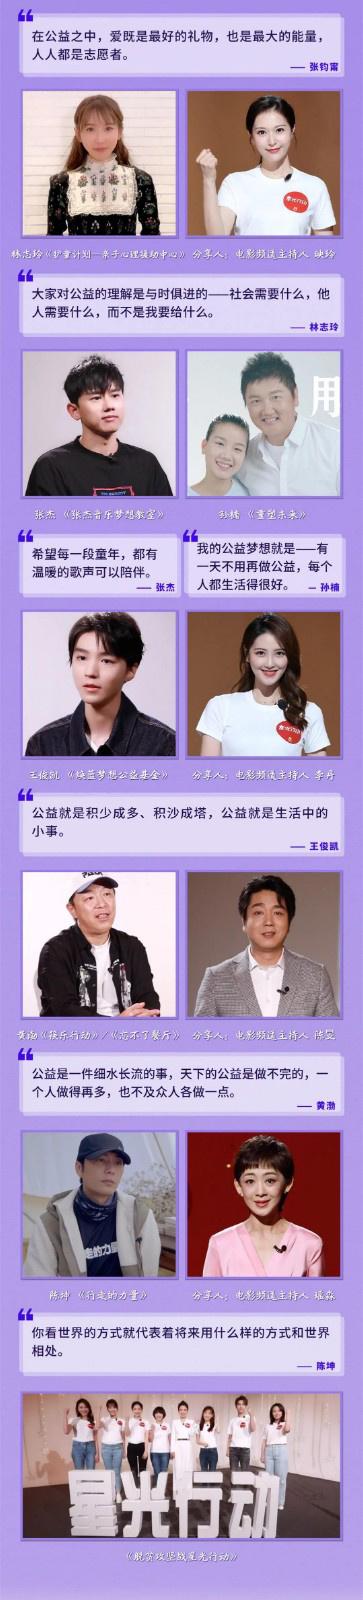 皇冠新现金网平台:爱的接力!电影频道携手群星讲述中国公益故事 第18张